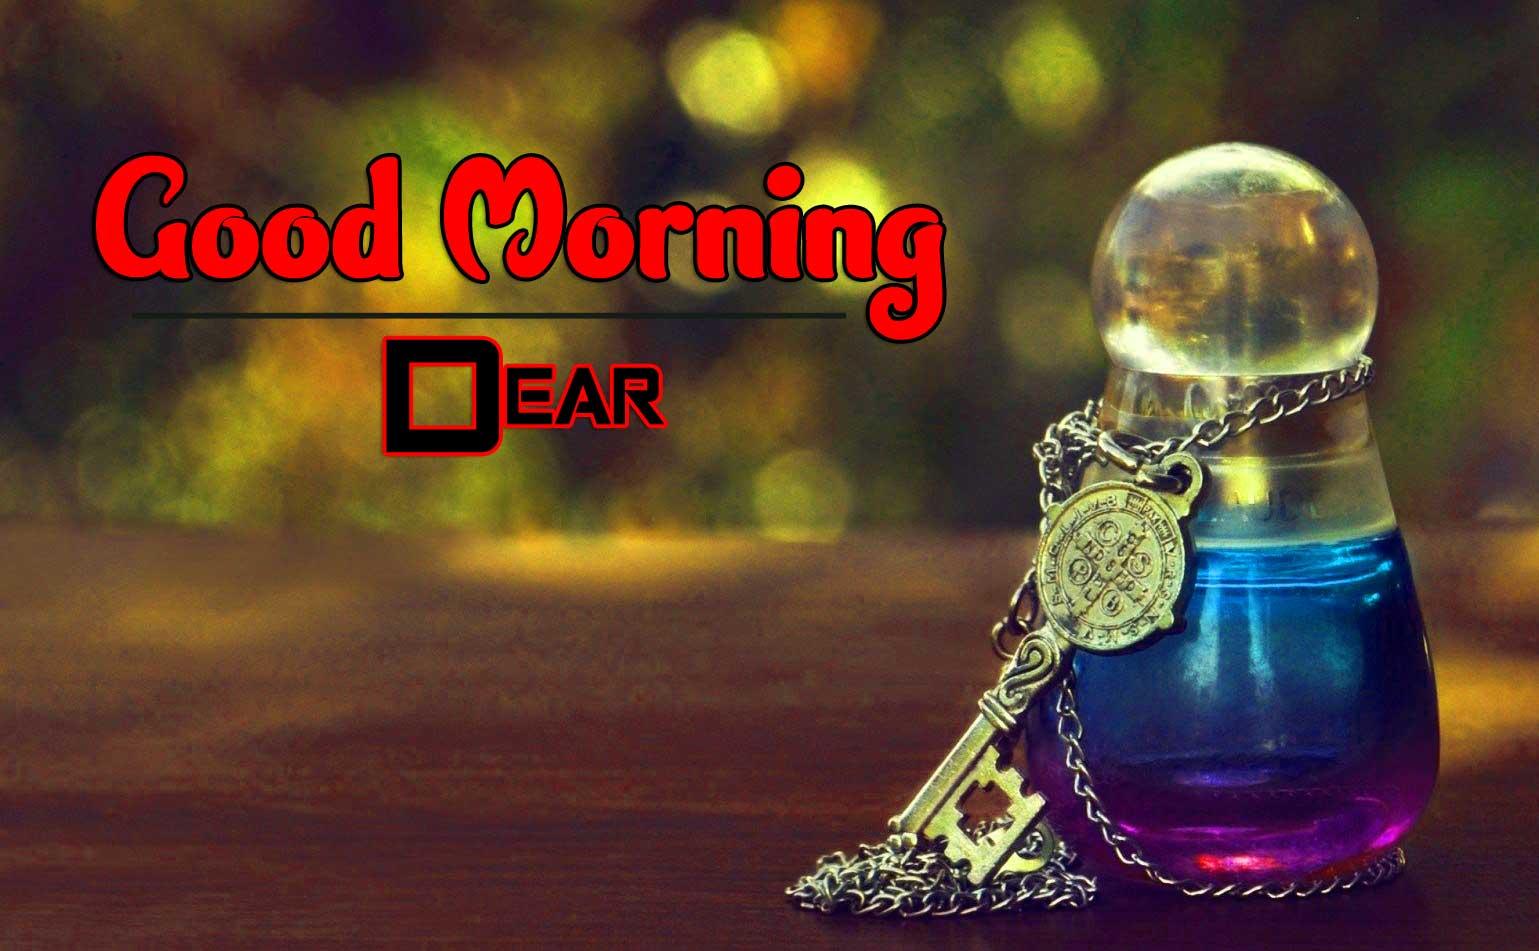 Free Good Morning Photo Download Free